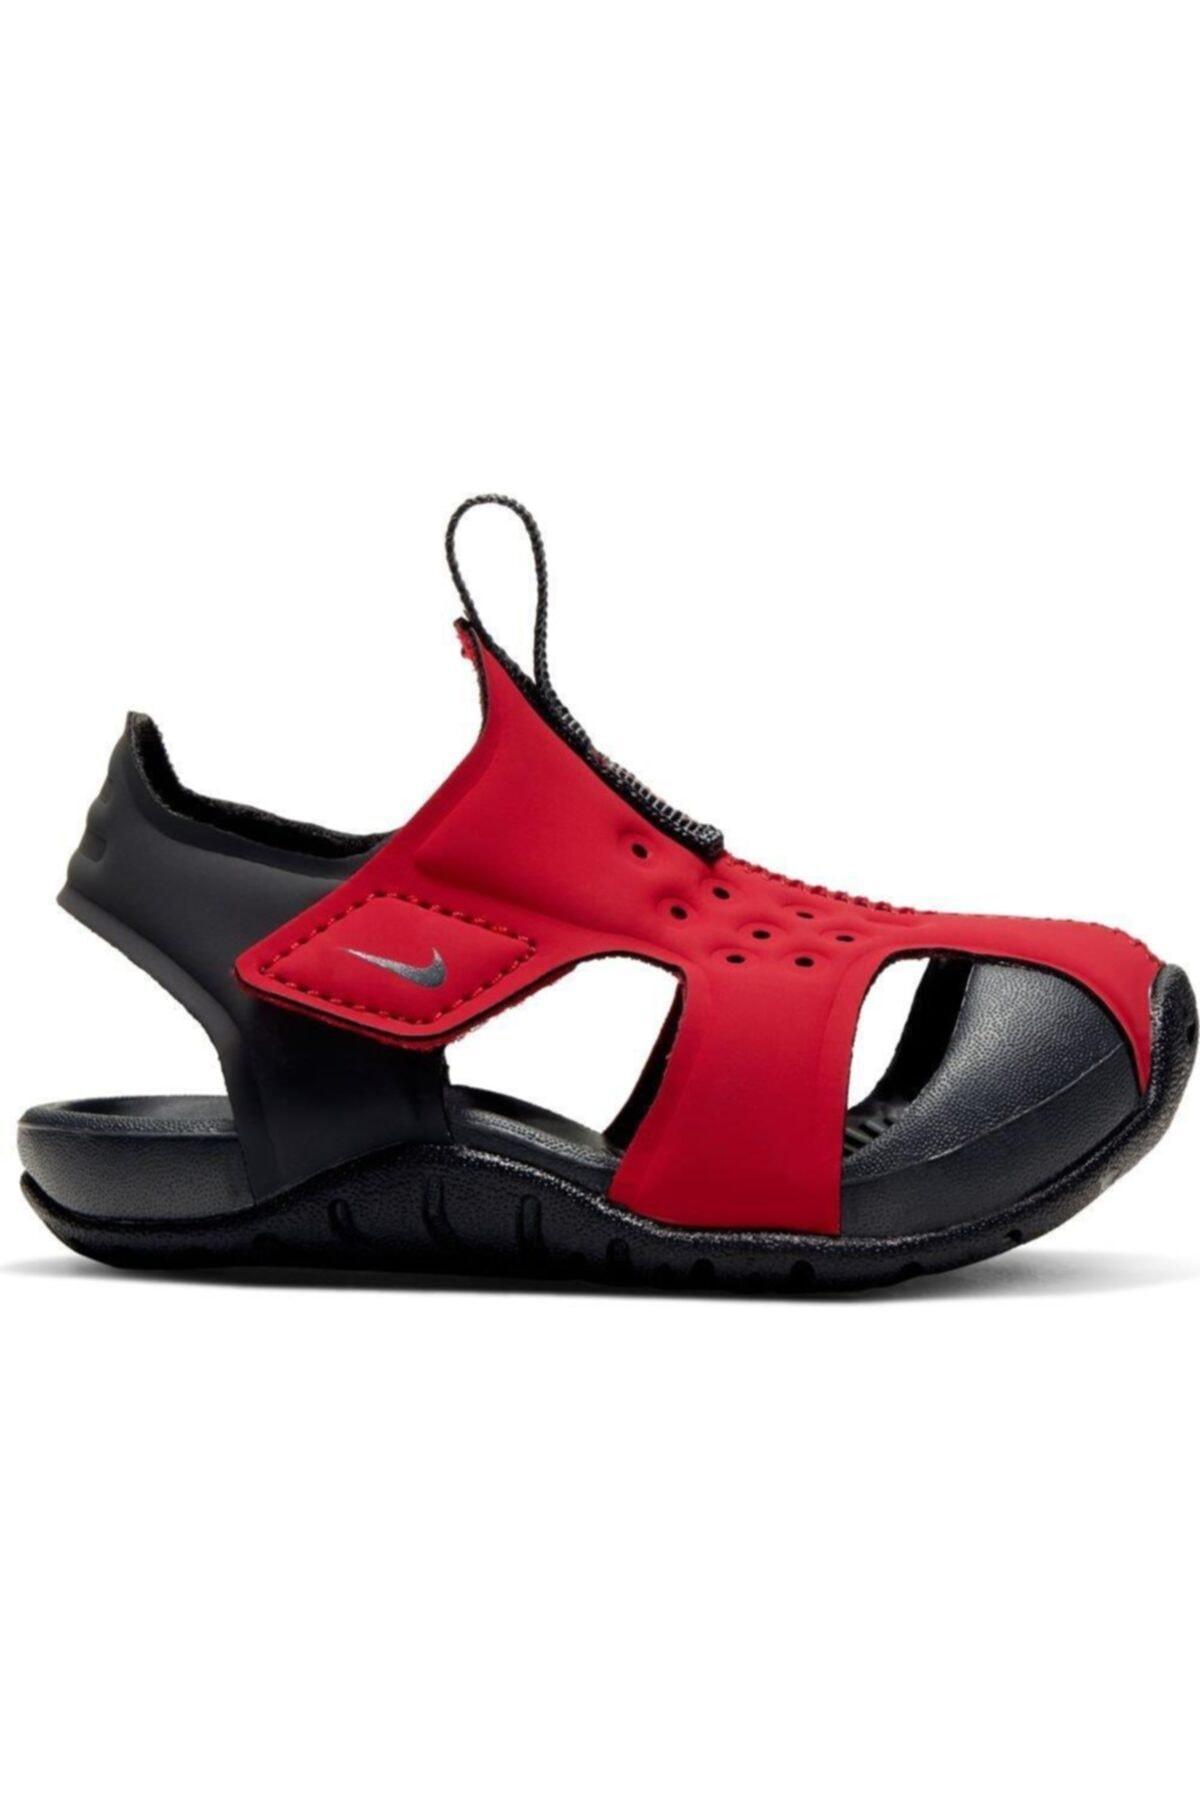 Nike 943827-603 Sunray Protect Bebek Sandalet 1